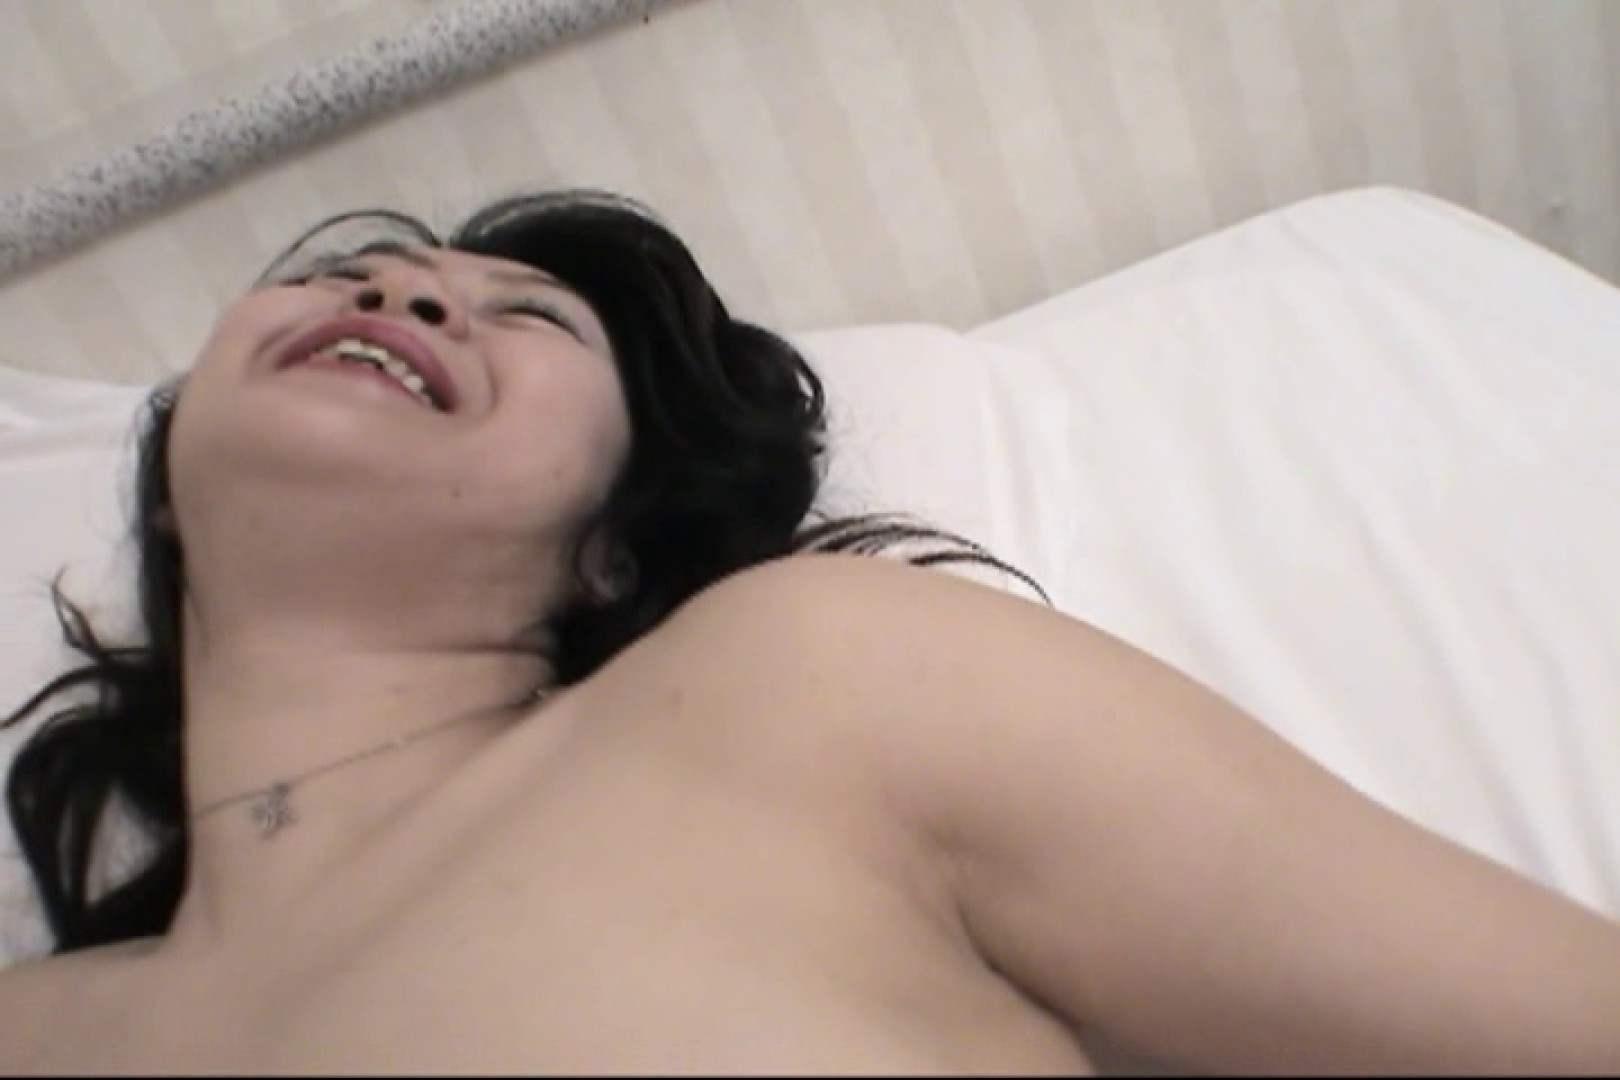 四十路の熟れた体が男を欲しがる~山川としえ~ お姉さん達の乳首 すけべAV動画紹介 69枚 61